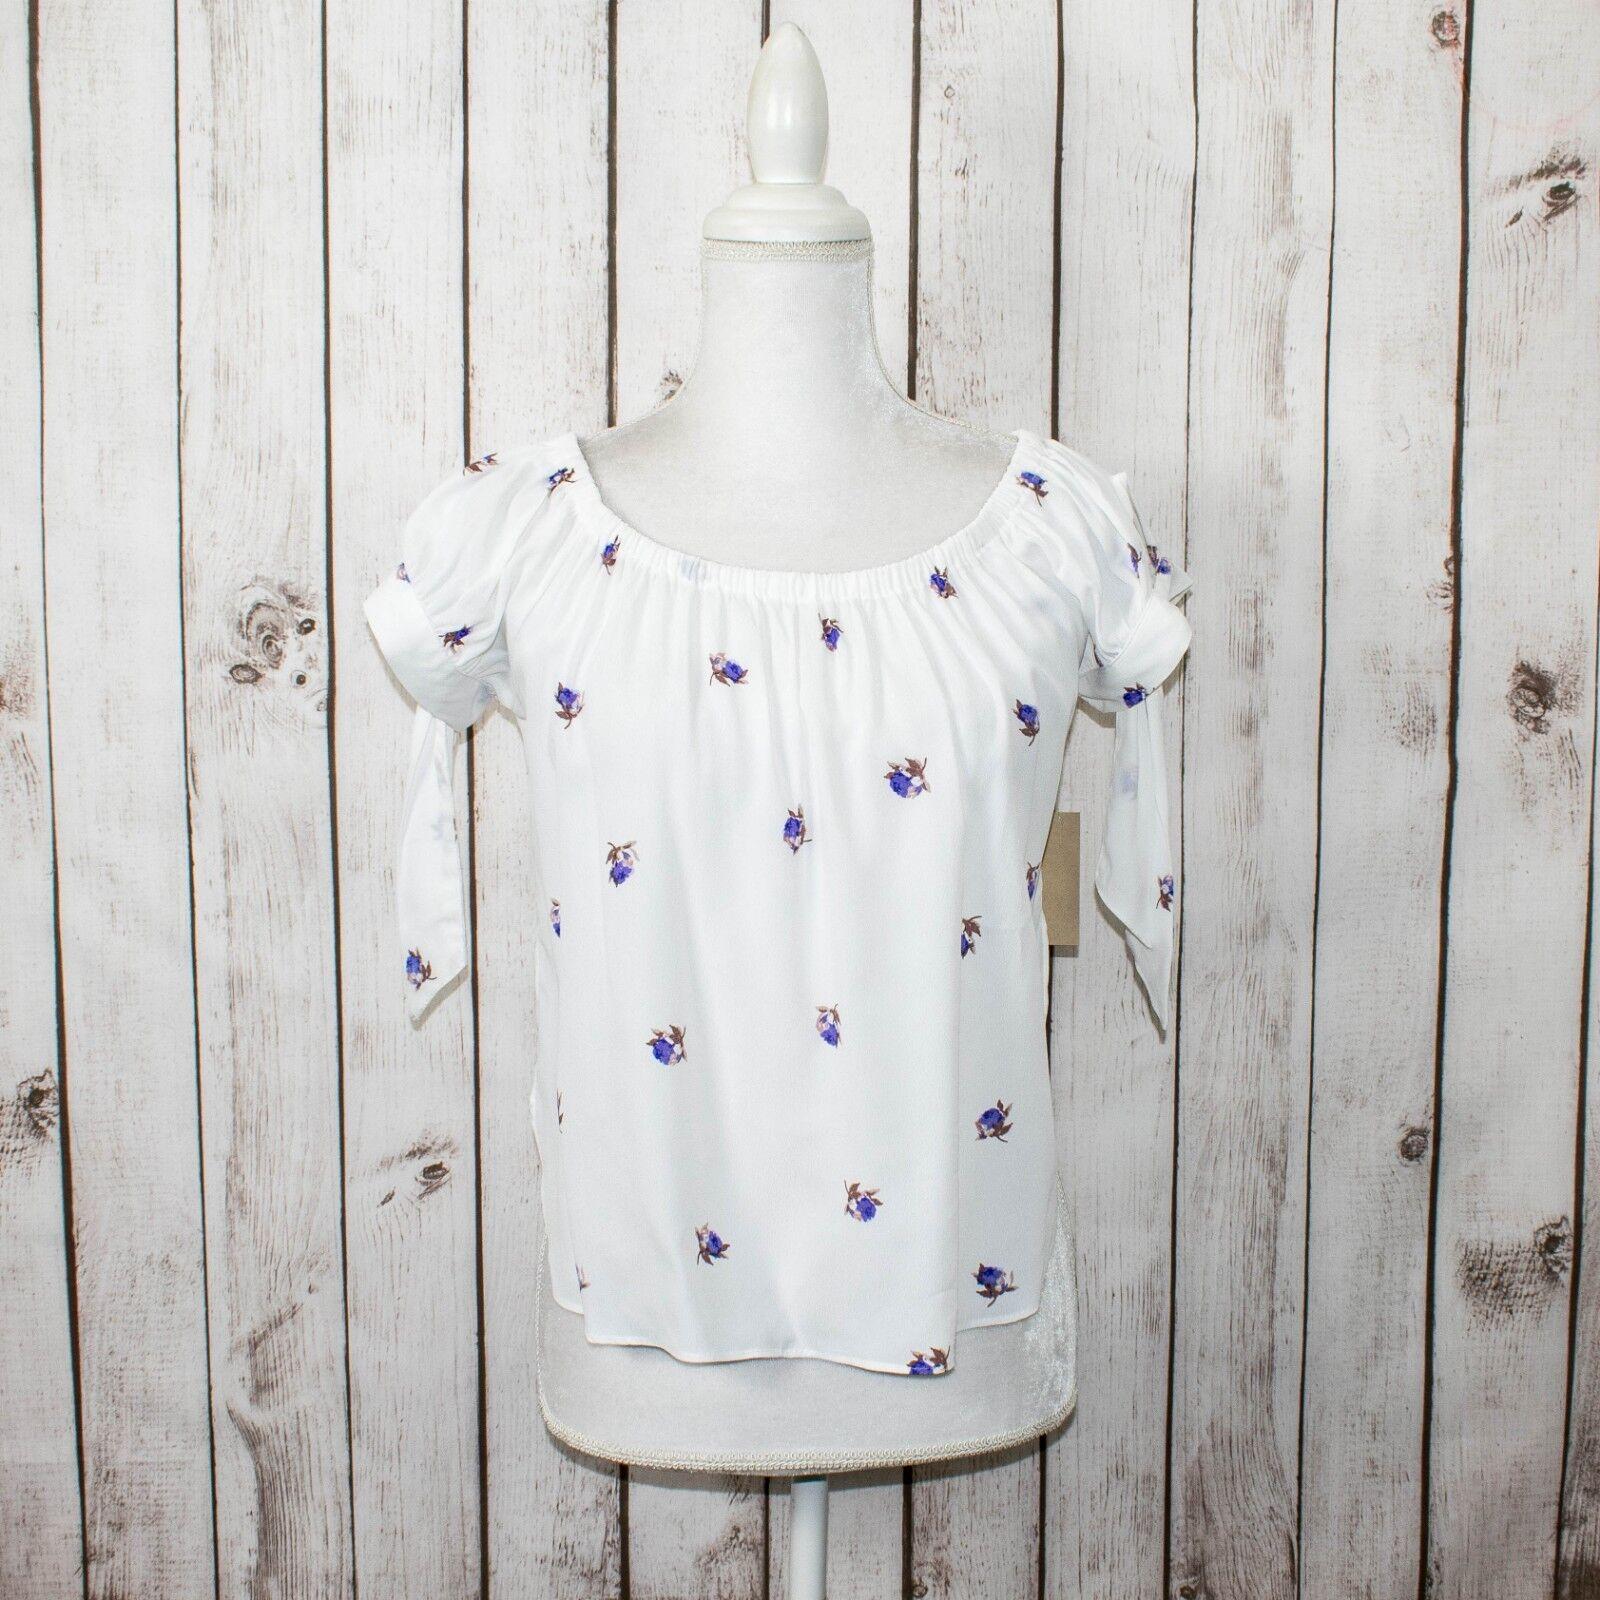 FLYNN SKYE Woherren Off Shoulders Blouse Top Weiß w  floral Print Tie Sleeves S